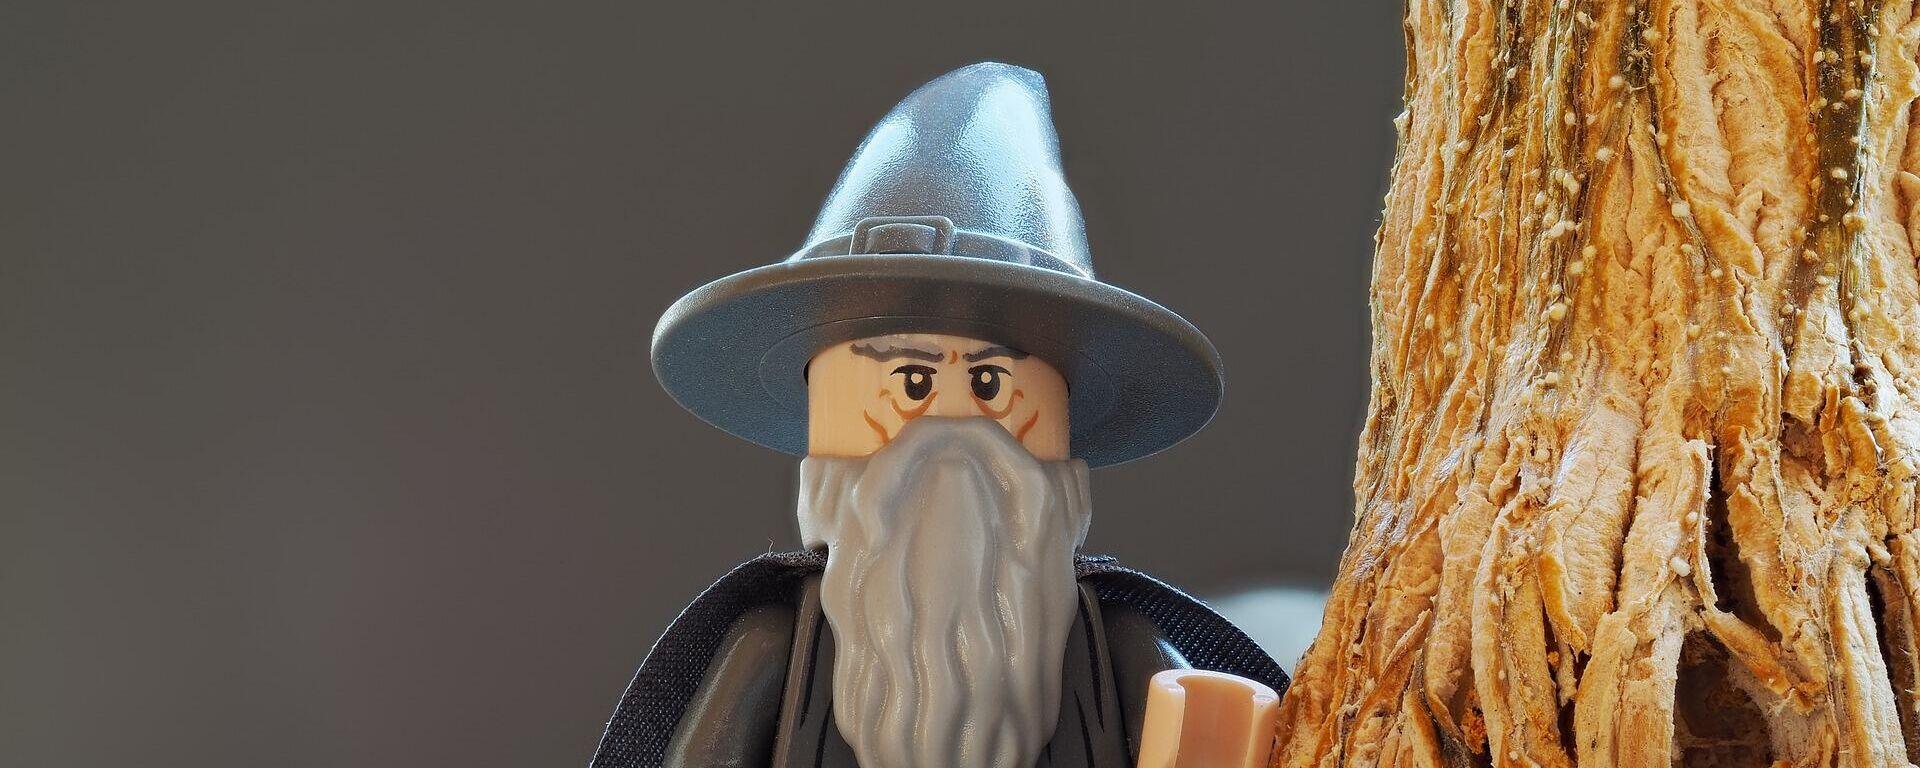 Figurilla de Gandalf, personaje del libro 'El señor de los anillos' - Sputnik Mundo, 1920, 08.04.2021